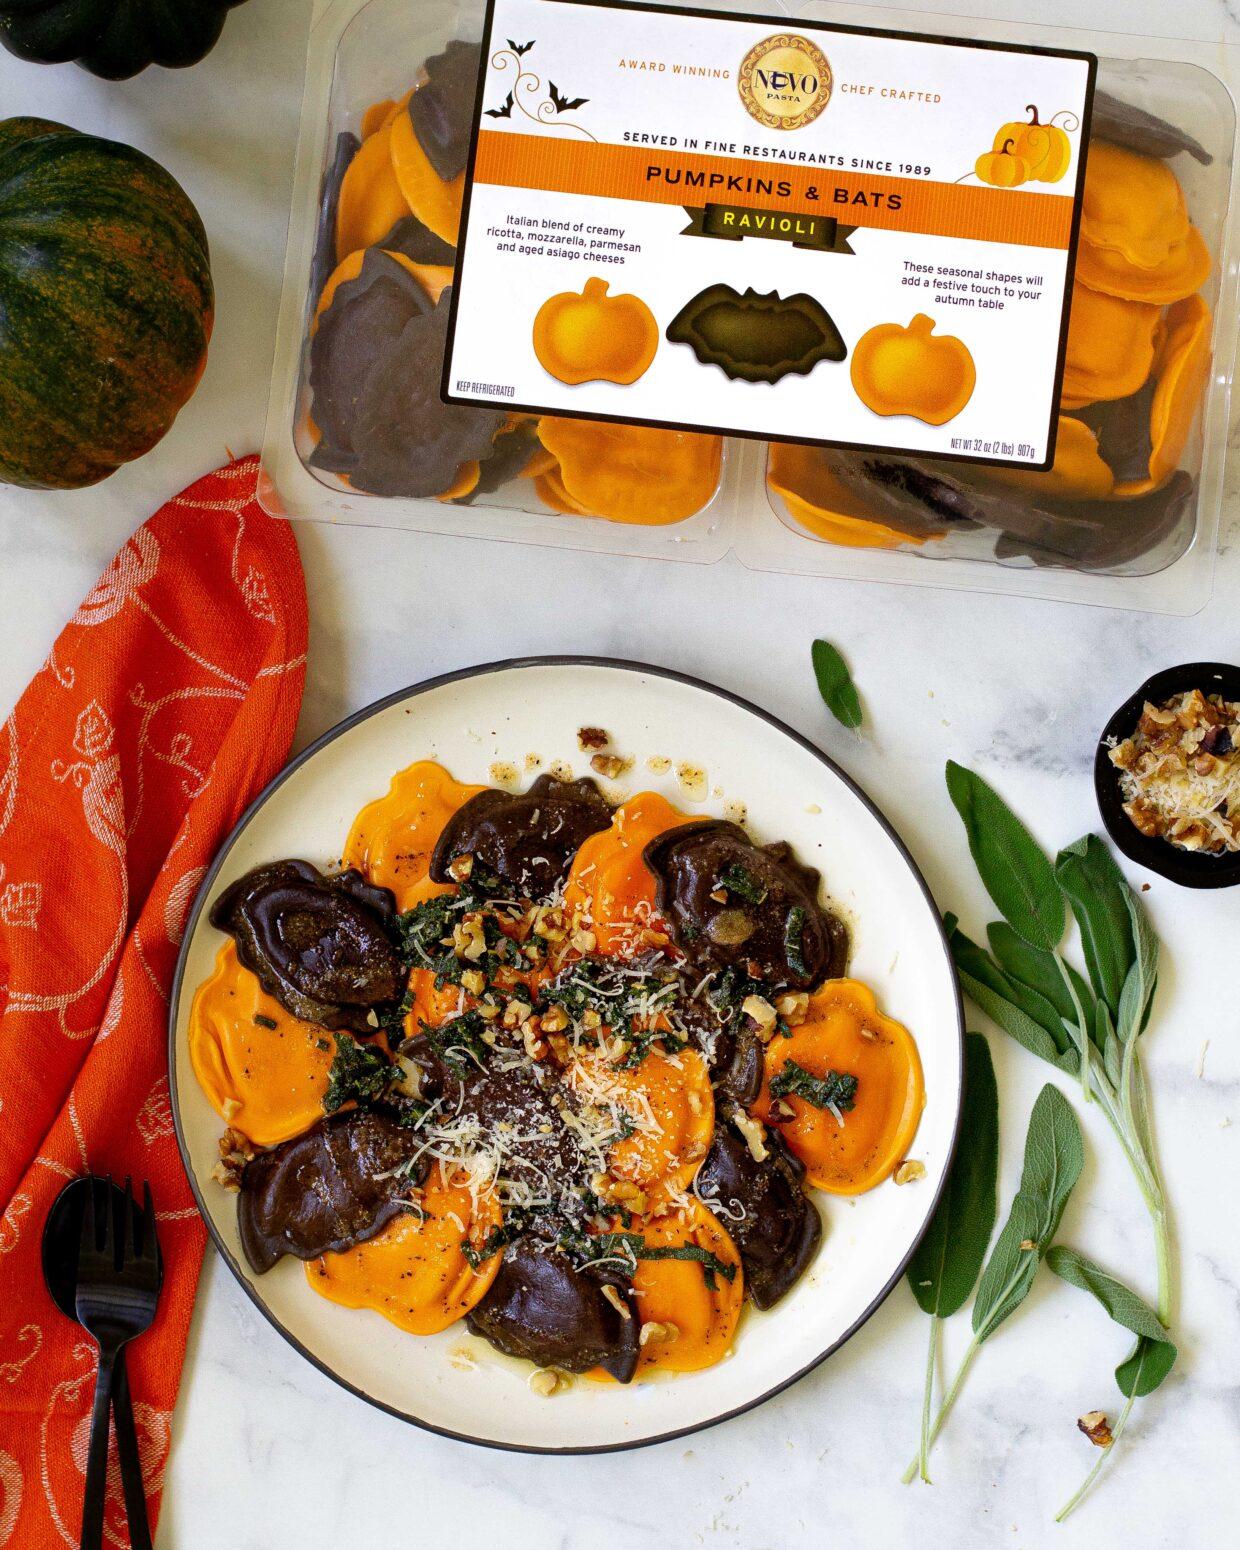 Pumpkins & Bats Ravioli